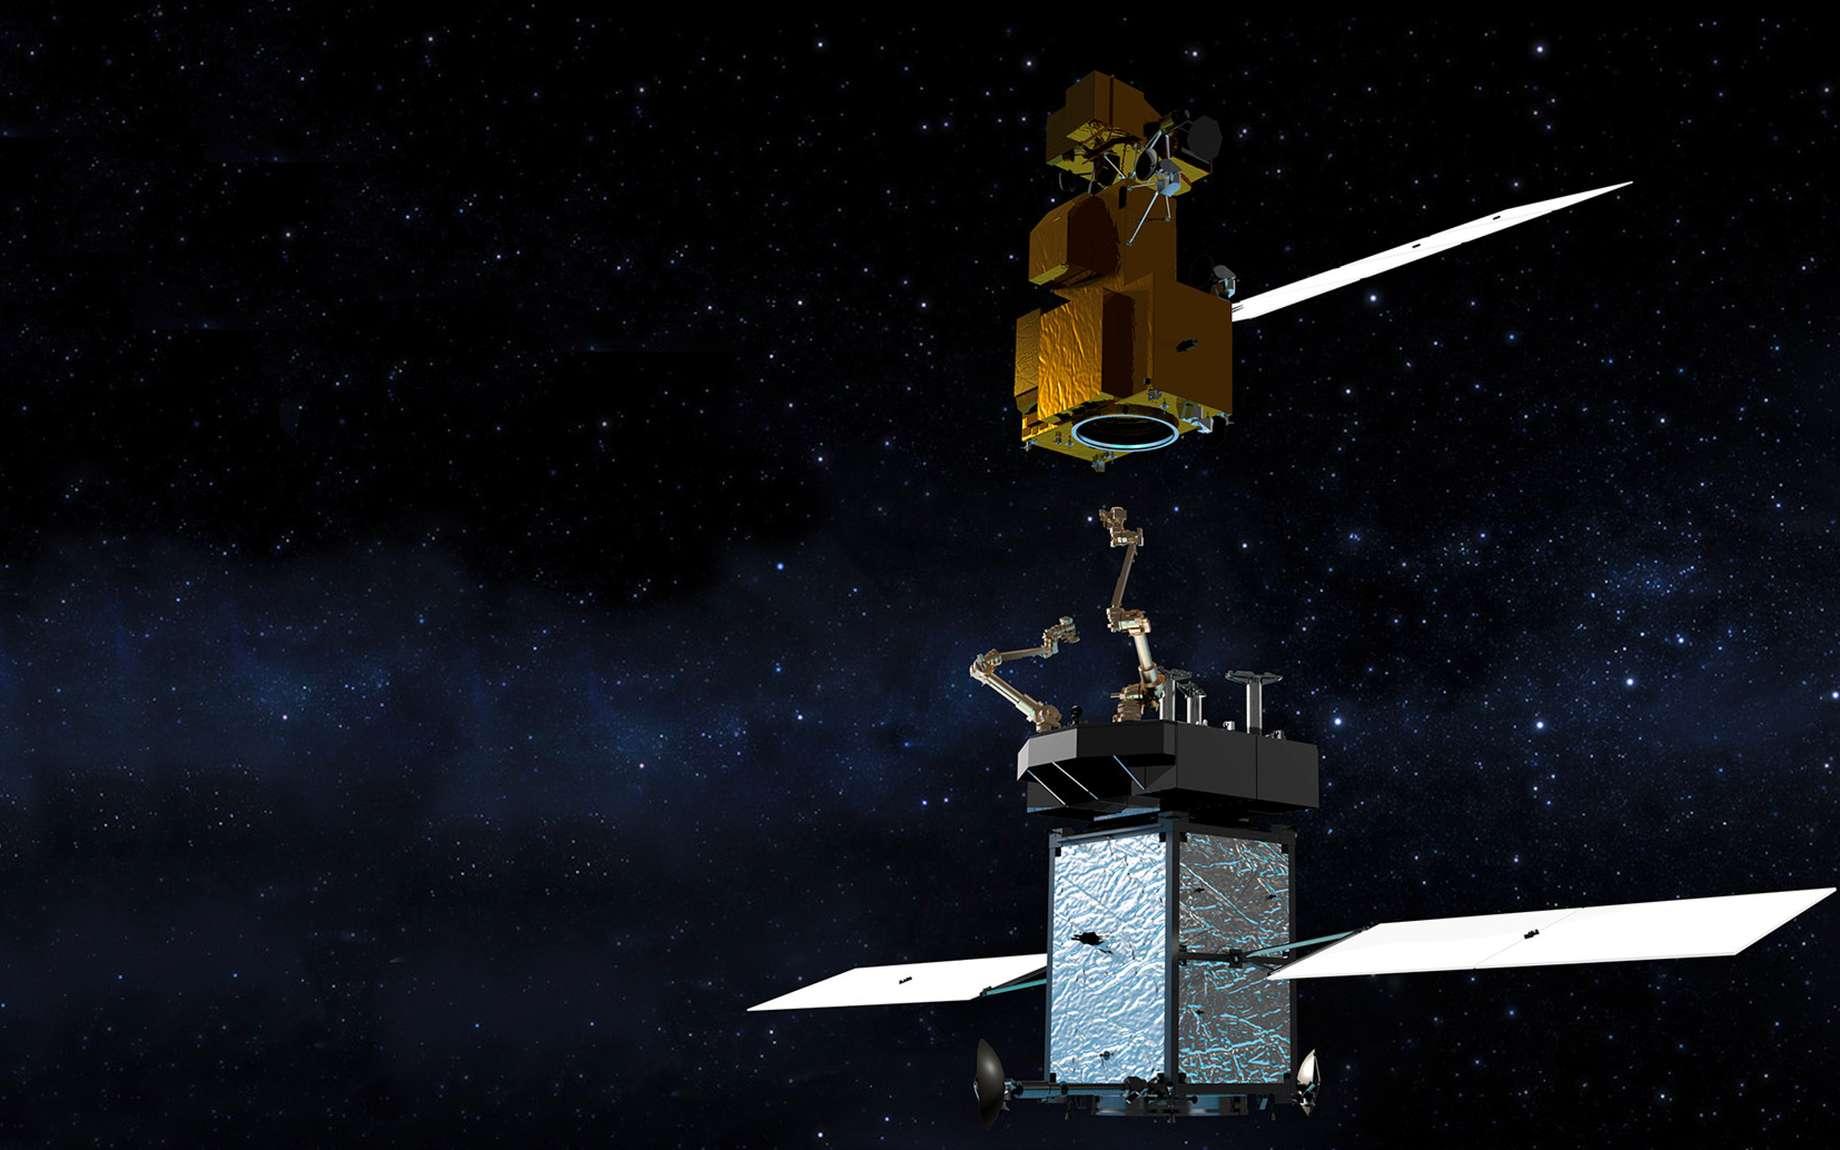 À l'avenir, grâce à la mission Restore L, un satellite pourrait être lancé pour en ravitailler un autre, voire s'y amarrer pour le désorbiter ou le repositionner. © Nasa, SSL